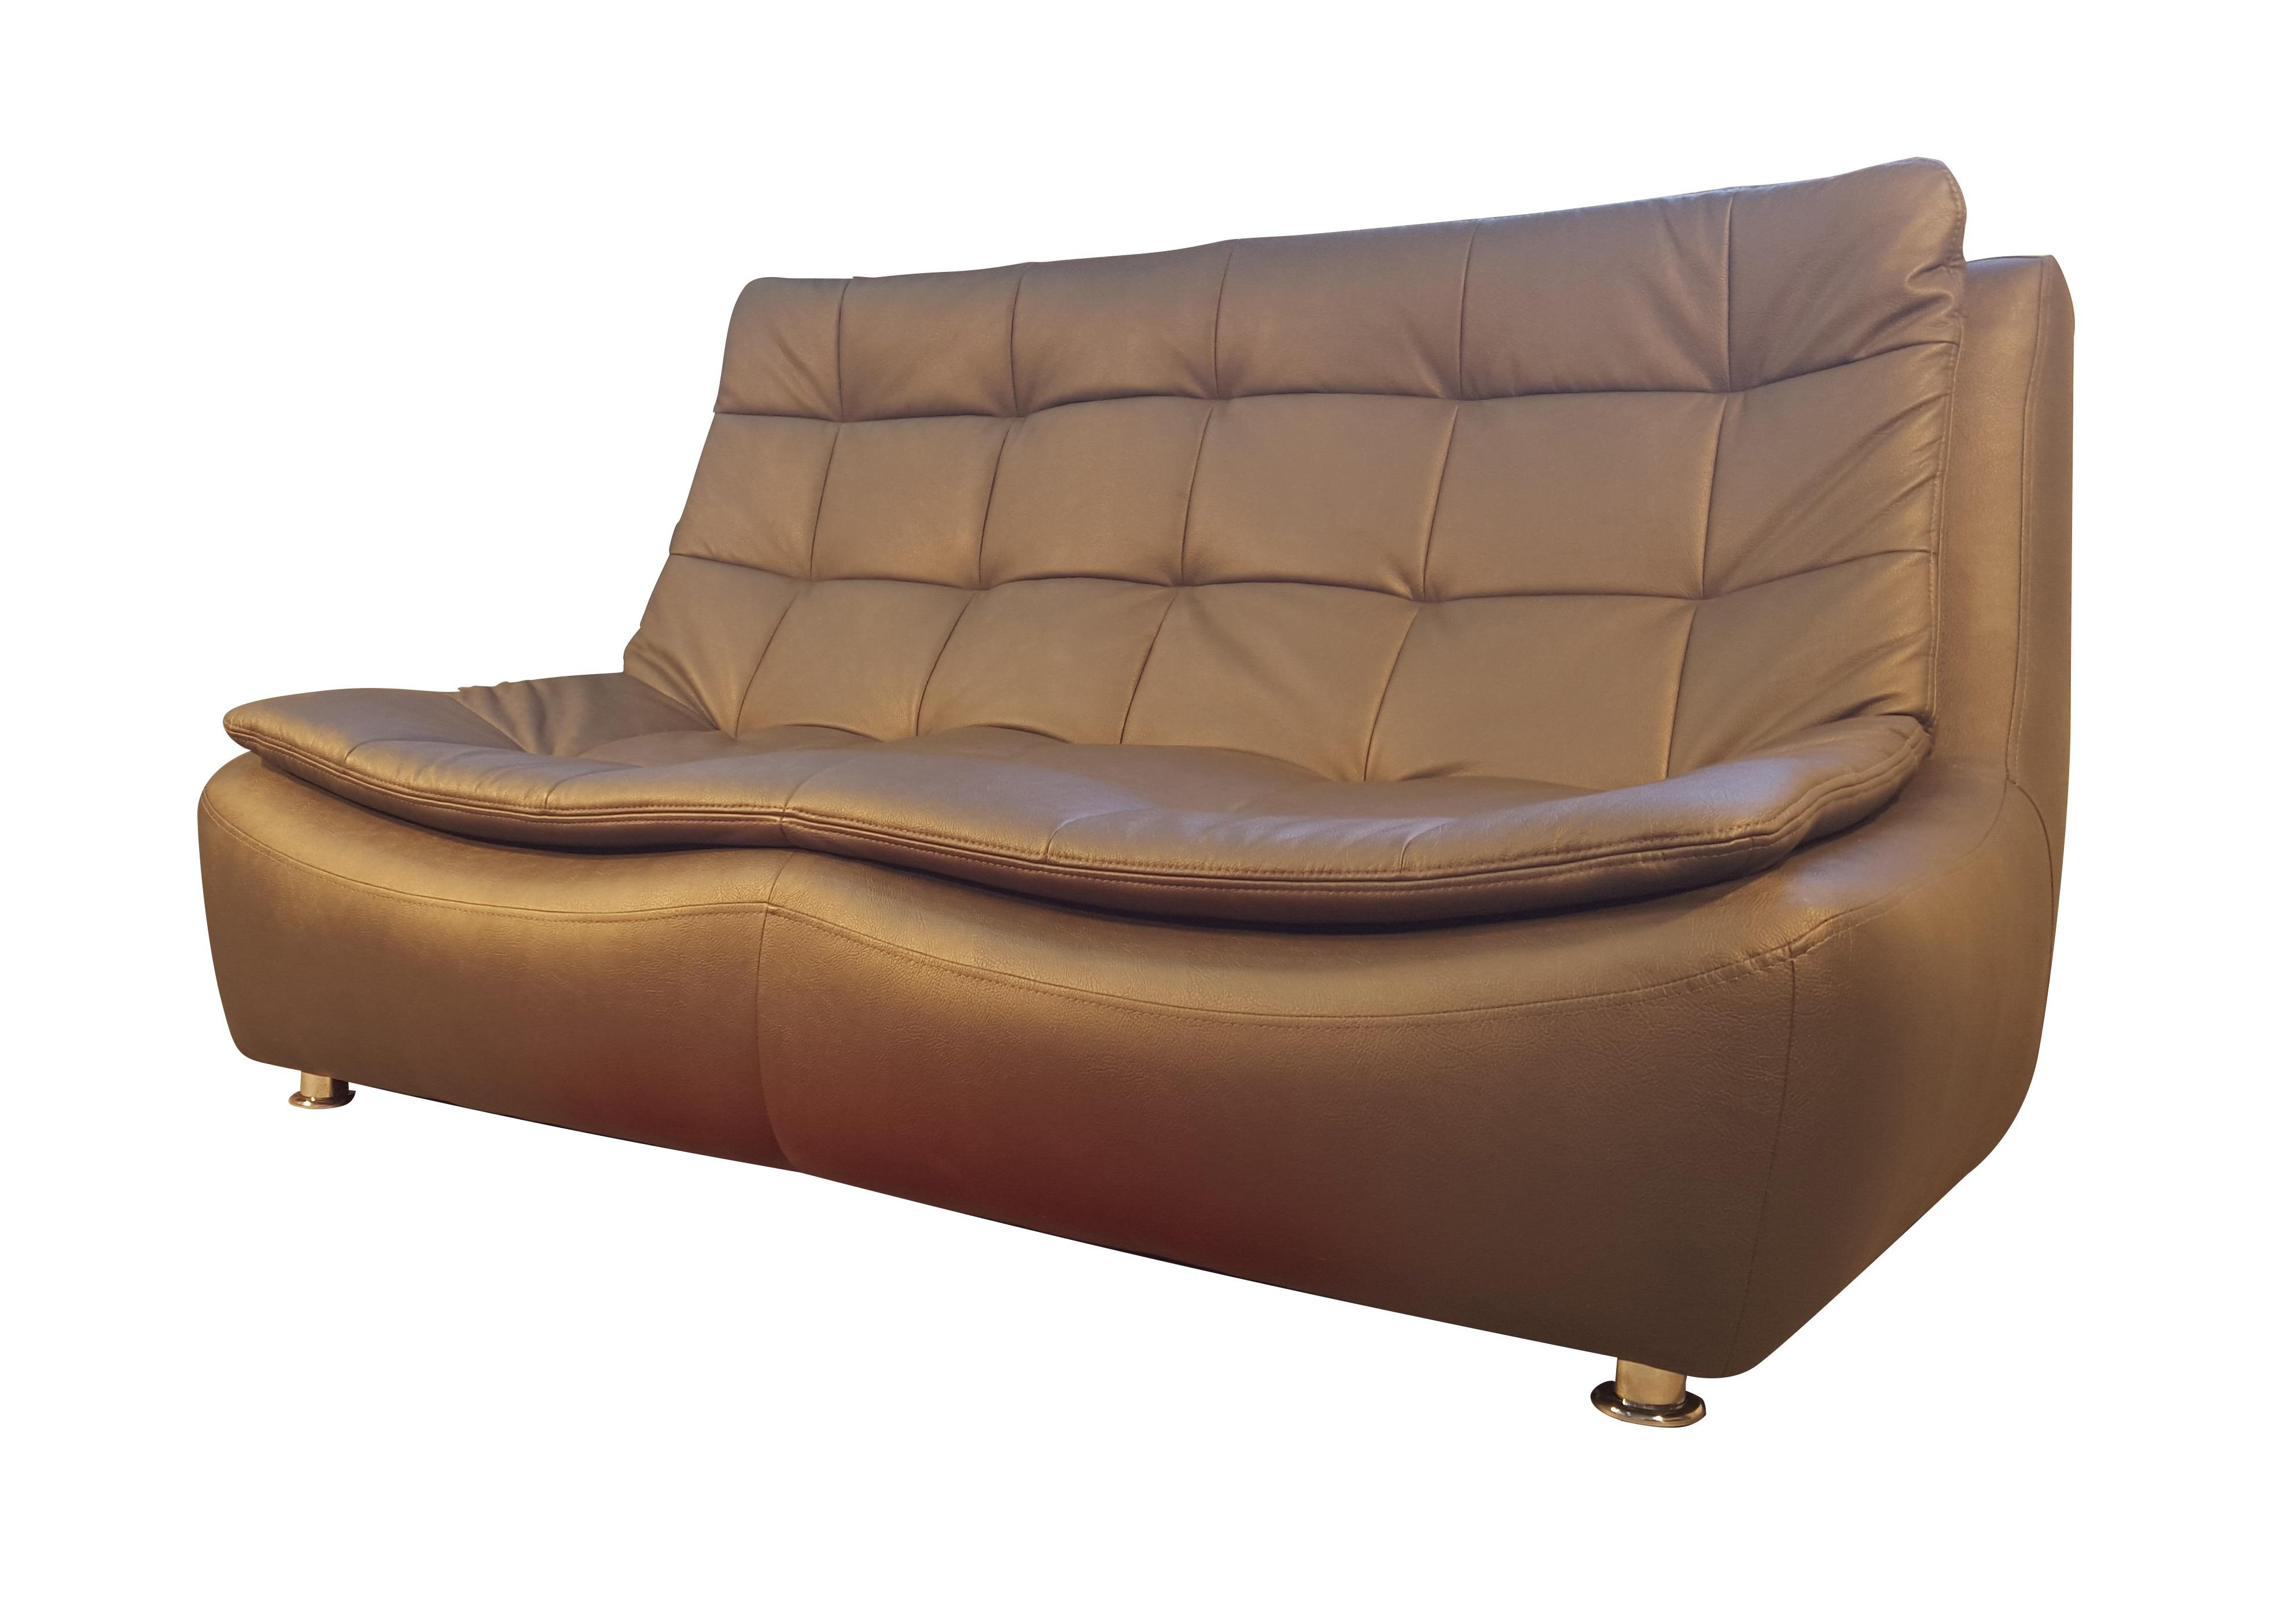 Диван ДипломатКожаные диваны<br>&amp;lt;div&amp;gt;Если вам кажется, что кожаный диван к месту только в офисе, то вы еще не видели диван &amp;quot;Дипломат&amp;quot;. Оригинальная форма для интерьеров в стиле &amp;quot;лофт&amp;quot; или небольших современных квартир. А раскладной механизм и мягкая набивка делают диван еще и функциональным. Разве не о таком диване вы мечтали?&amp;amp;nbsp;&amp;lt;/div&amp;gt;&amp;lt;div&amp;gt;&amp;lt;br&amp;gt;&amp;lt;/div&amp;gt;&amp;lt;div&amp;gt;Каркас: брус, фанера, ДСП&amp;lt;/div&amp;gt;&amp;lt;div&amp;gt;Материалы: кожа, микс из резинотканных ремней и каучуковой пропитки&amp;lt;/div&amp;gt;&amp;lt;div&amp;gt;&amp;lt;br&amp;gt;&amp;lt;/div&amp;gt;&amp;lt;div&amp;gt;Изделие можно заказать в любой ткани, стоимость и срок изготовления уточняйте у менеджера.?&amp;lt;/div&amp;gt;<br><br>Material: Кожа<br>Width см: 177<br>Depth см: 103<br>Height см: 90